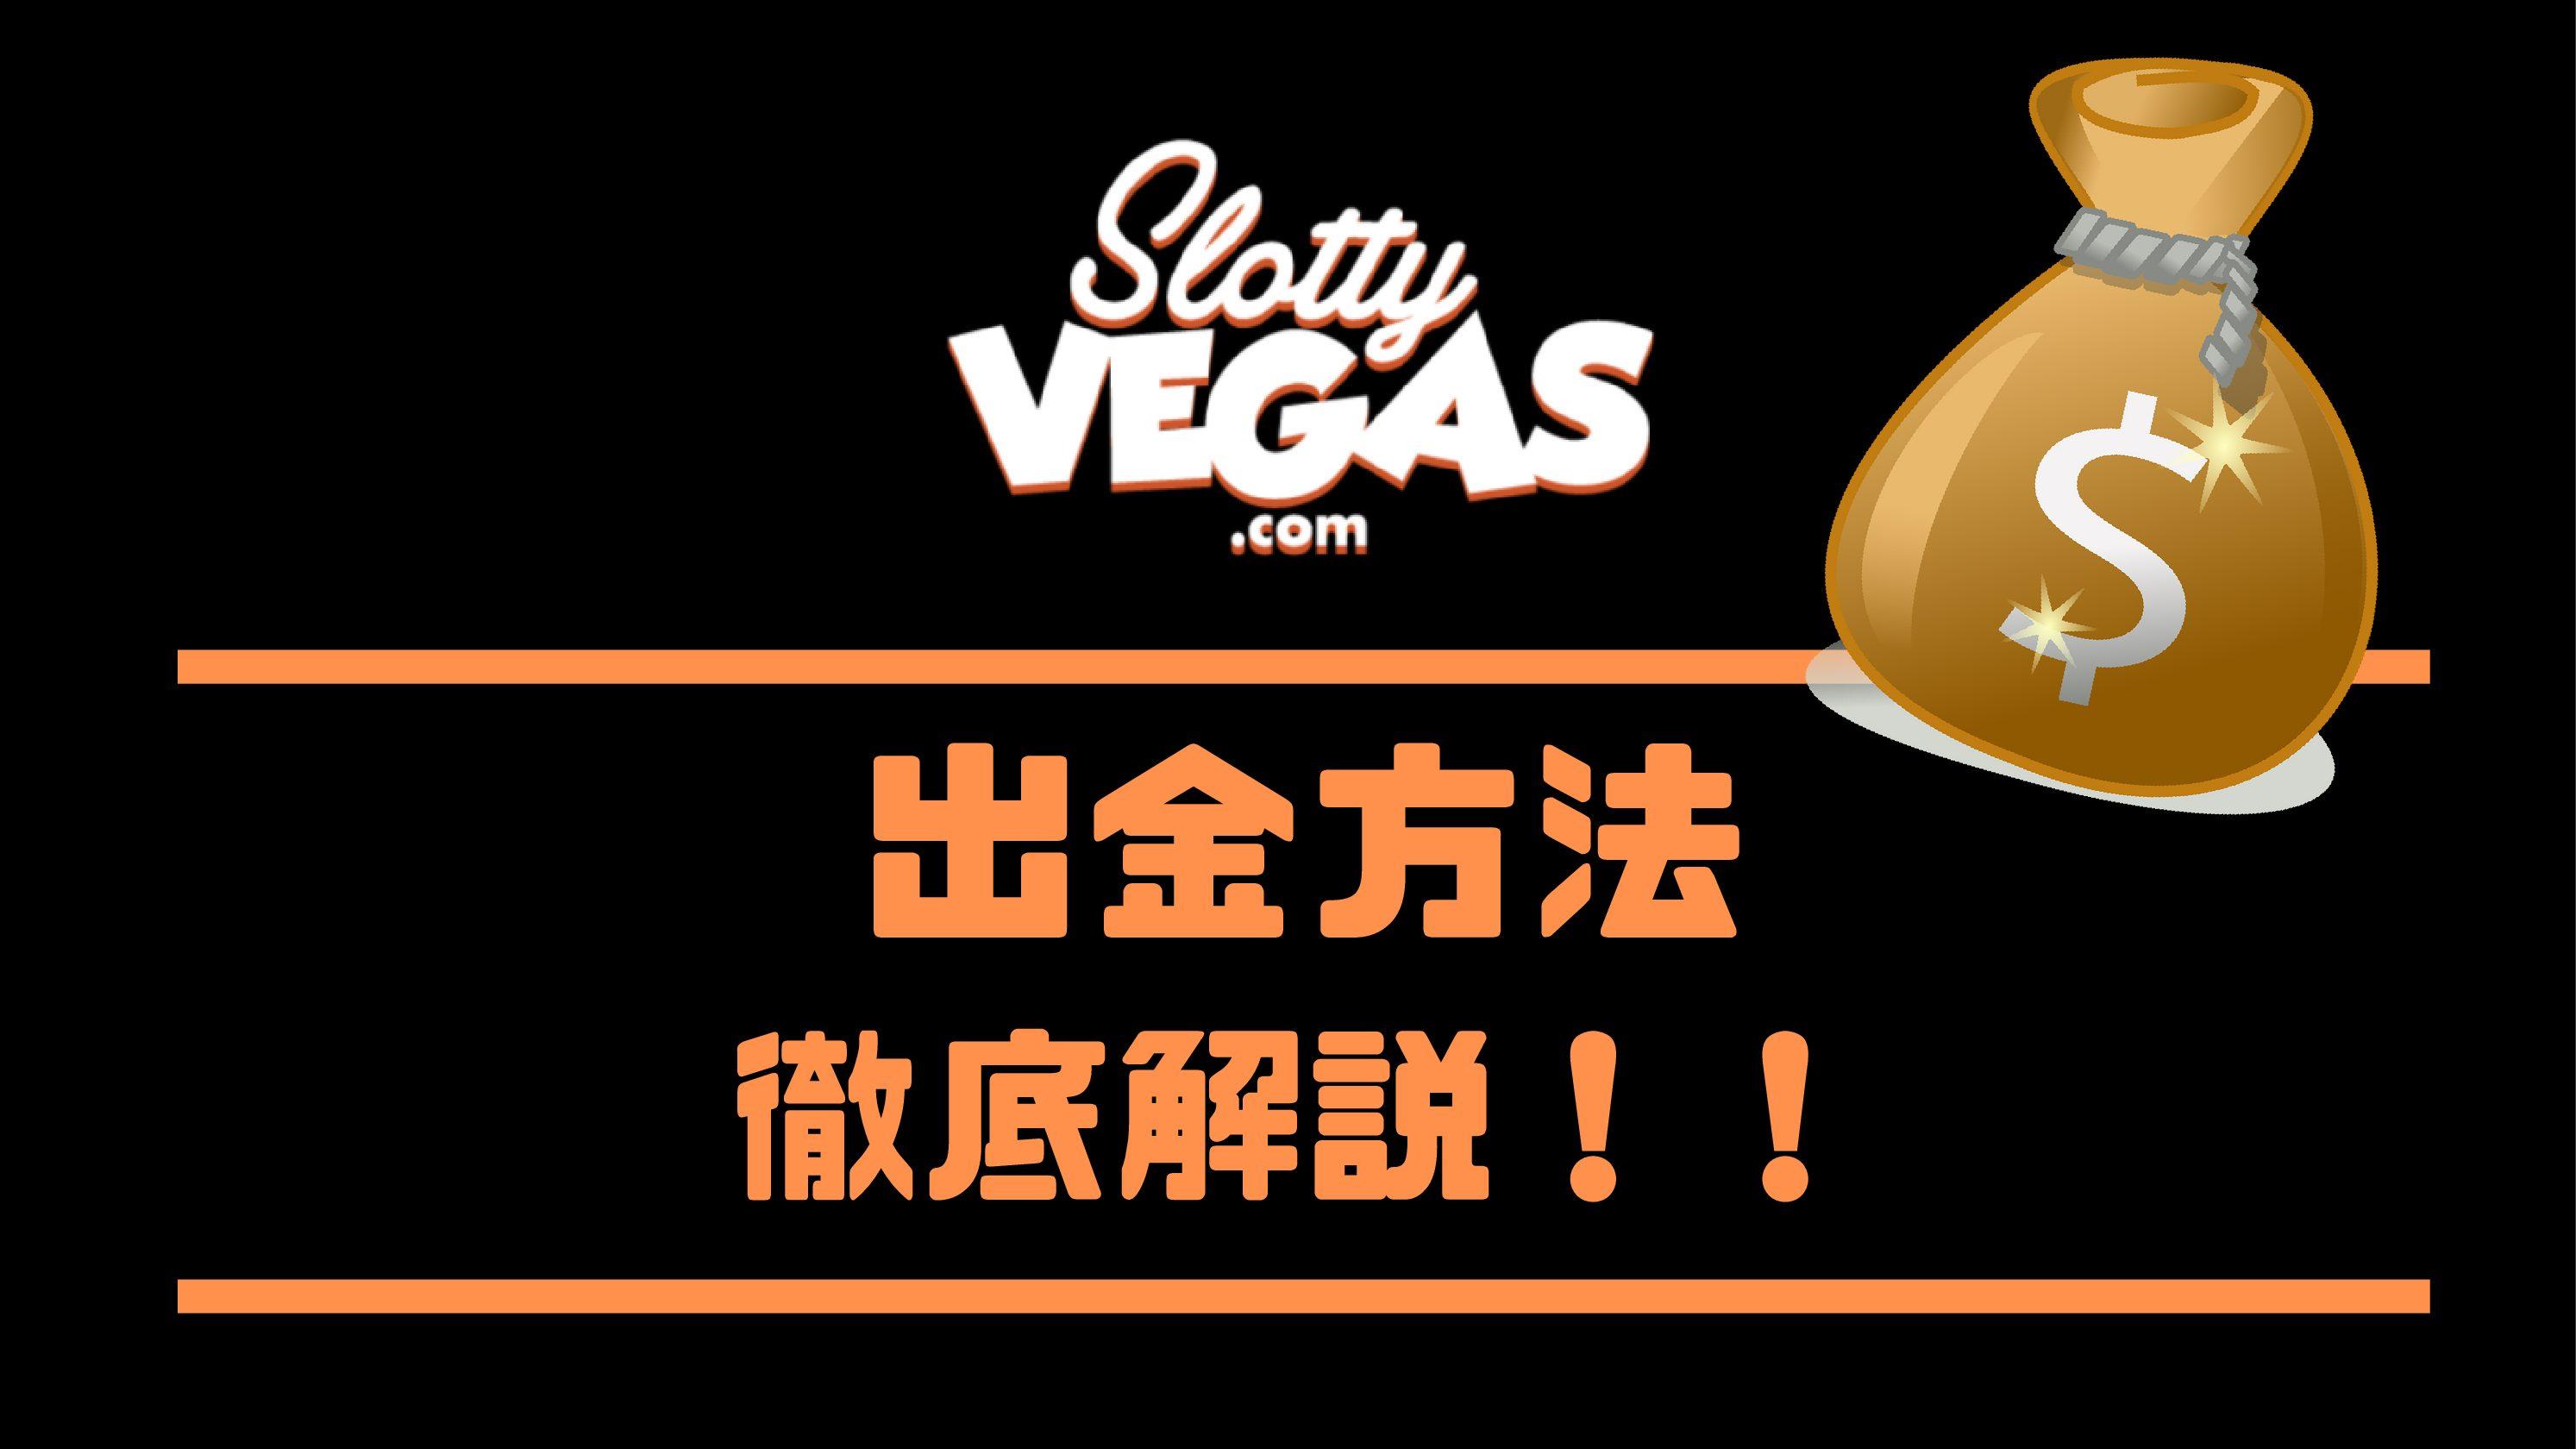 スロッティベガス( Slotty Vegas)出金方法を徹底解説!